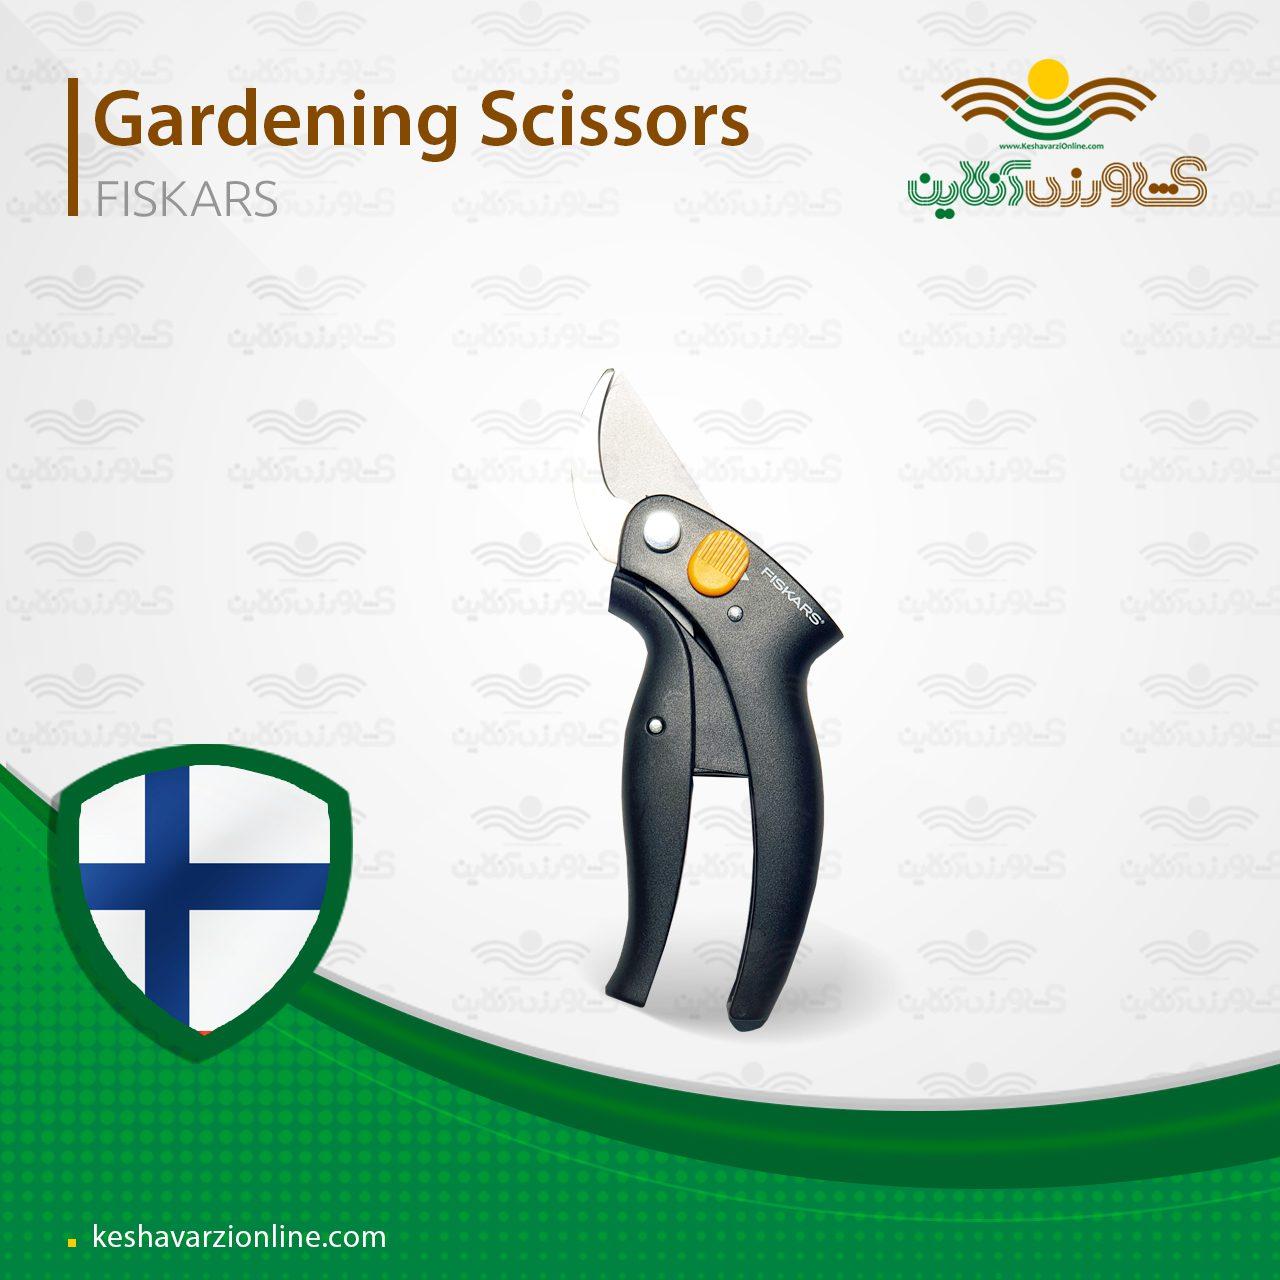 قیچی باغبانی فیسکارس ویژه باغداران حرفه ای